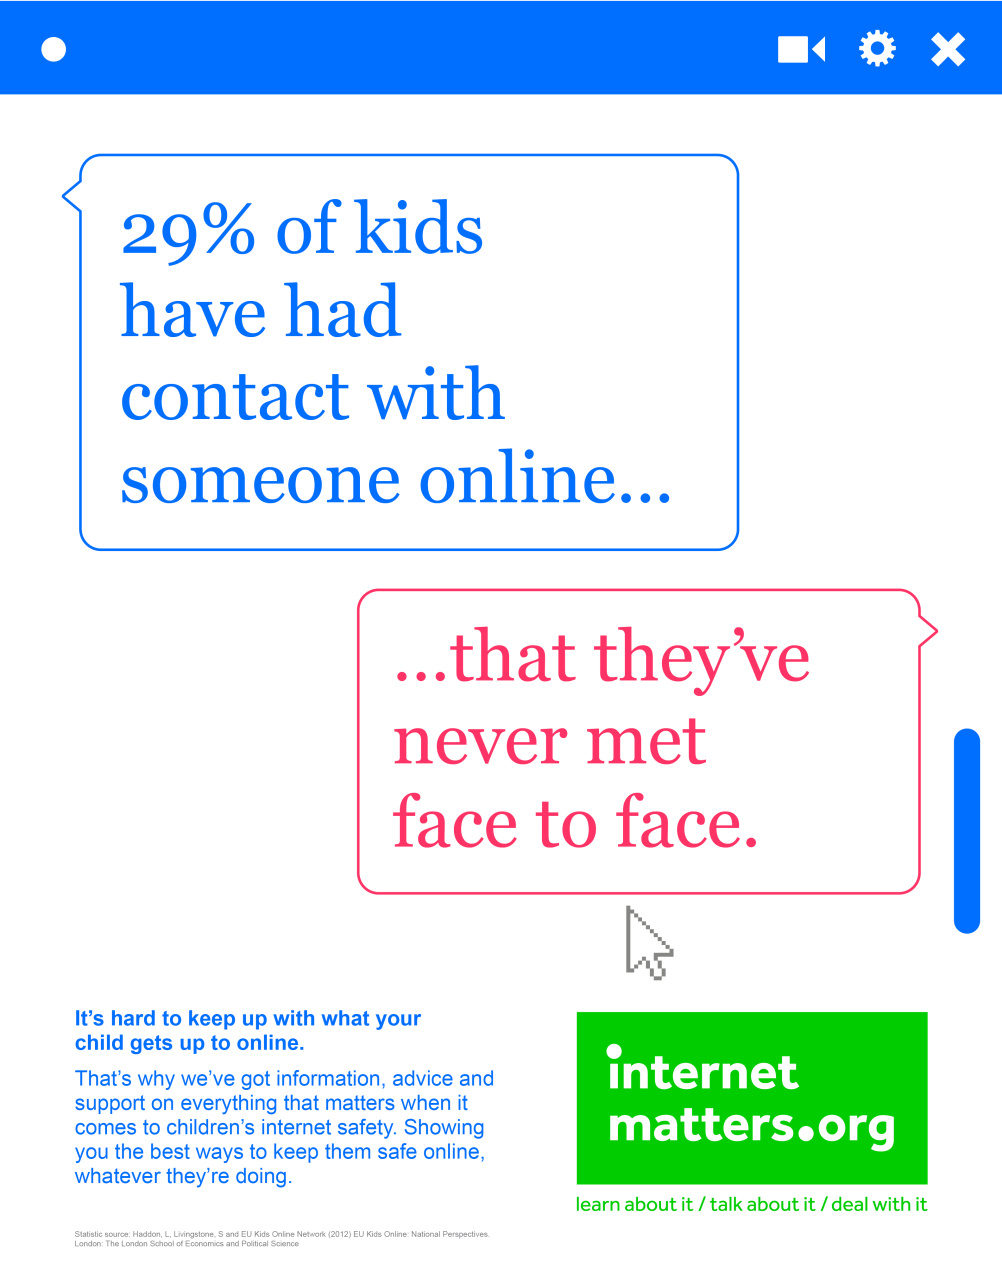 Contacting strangers online